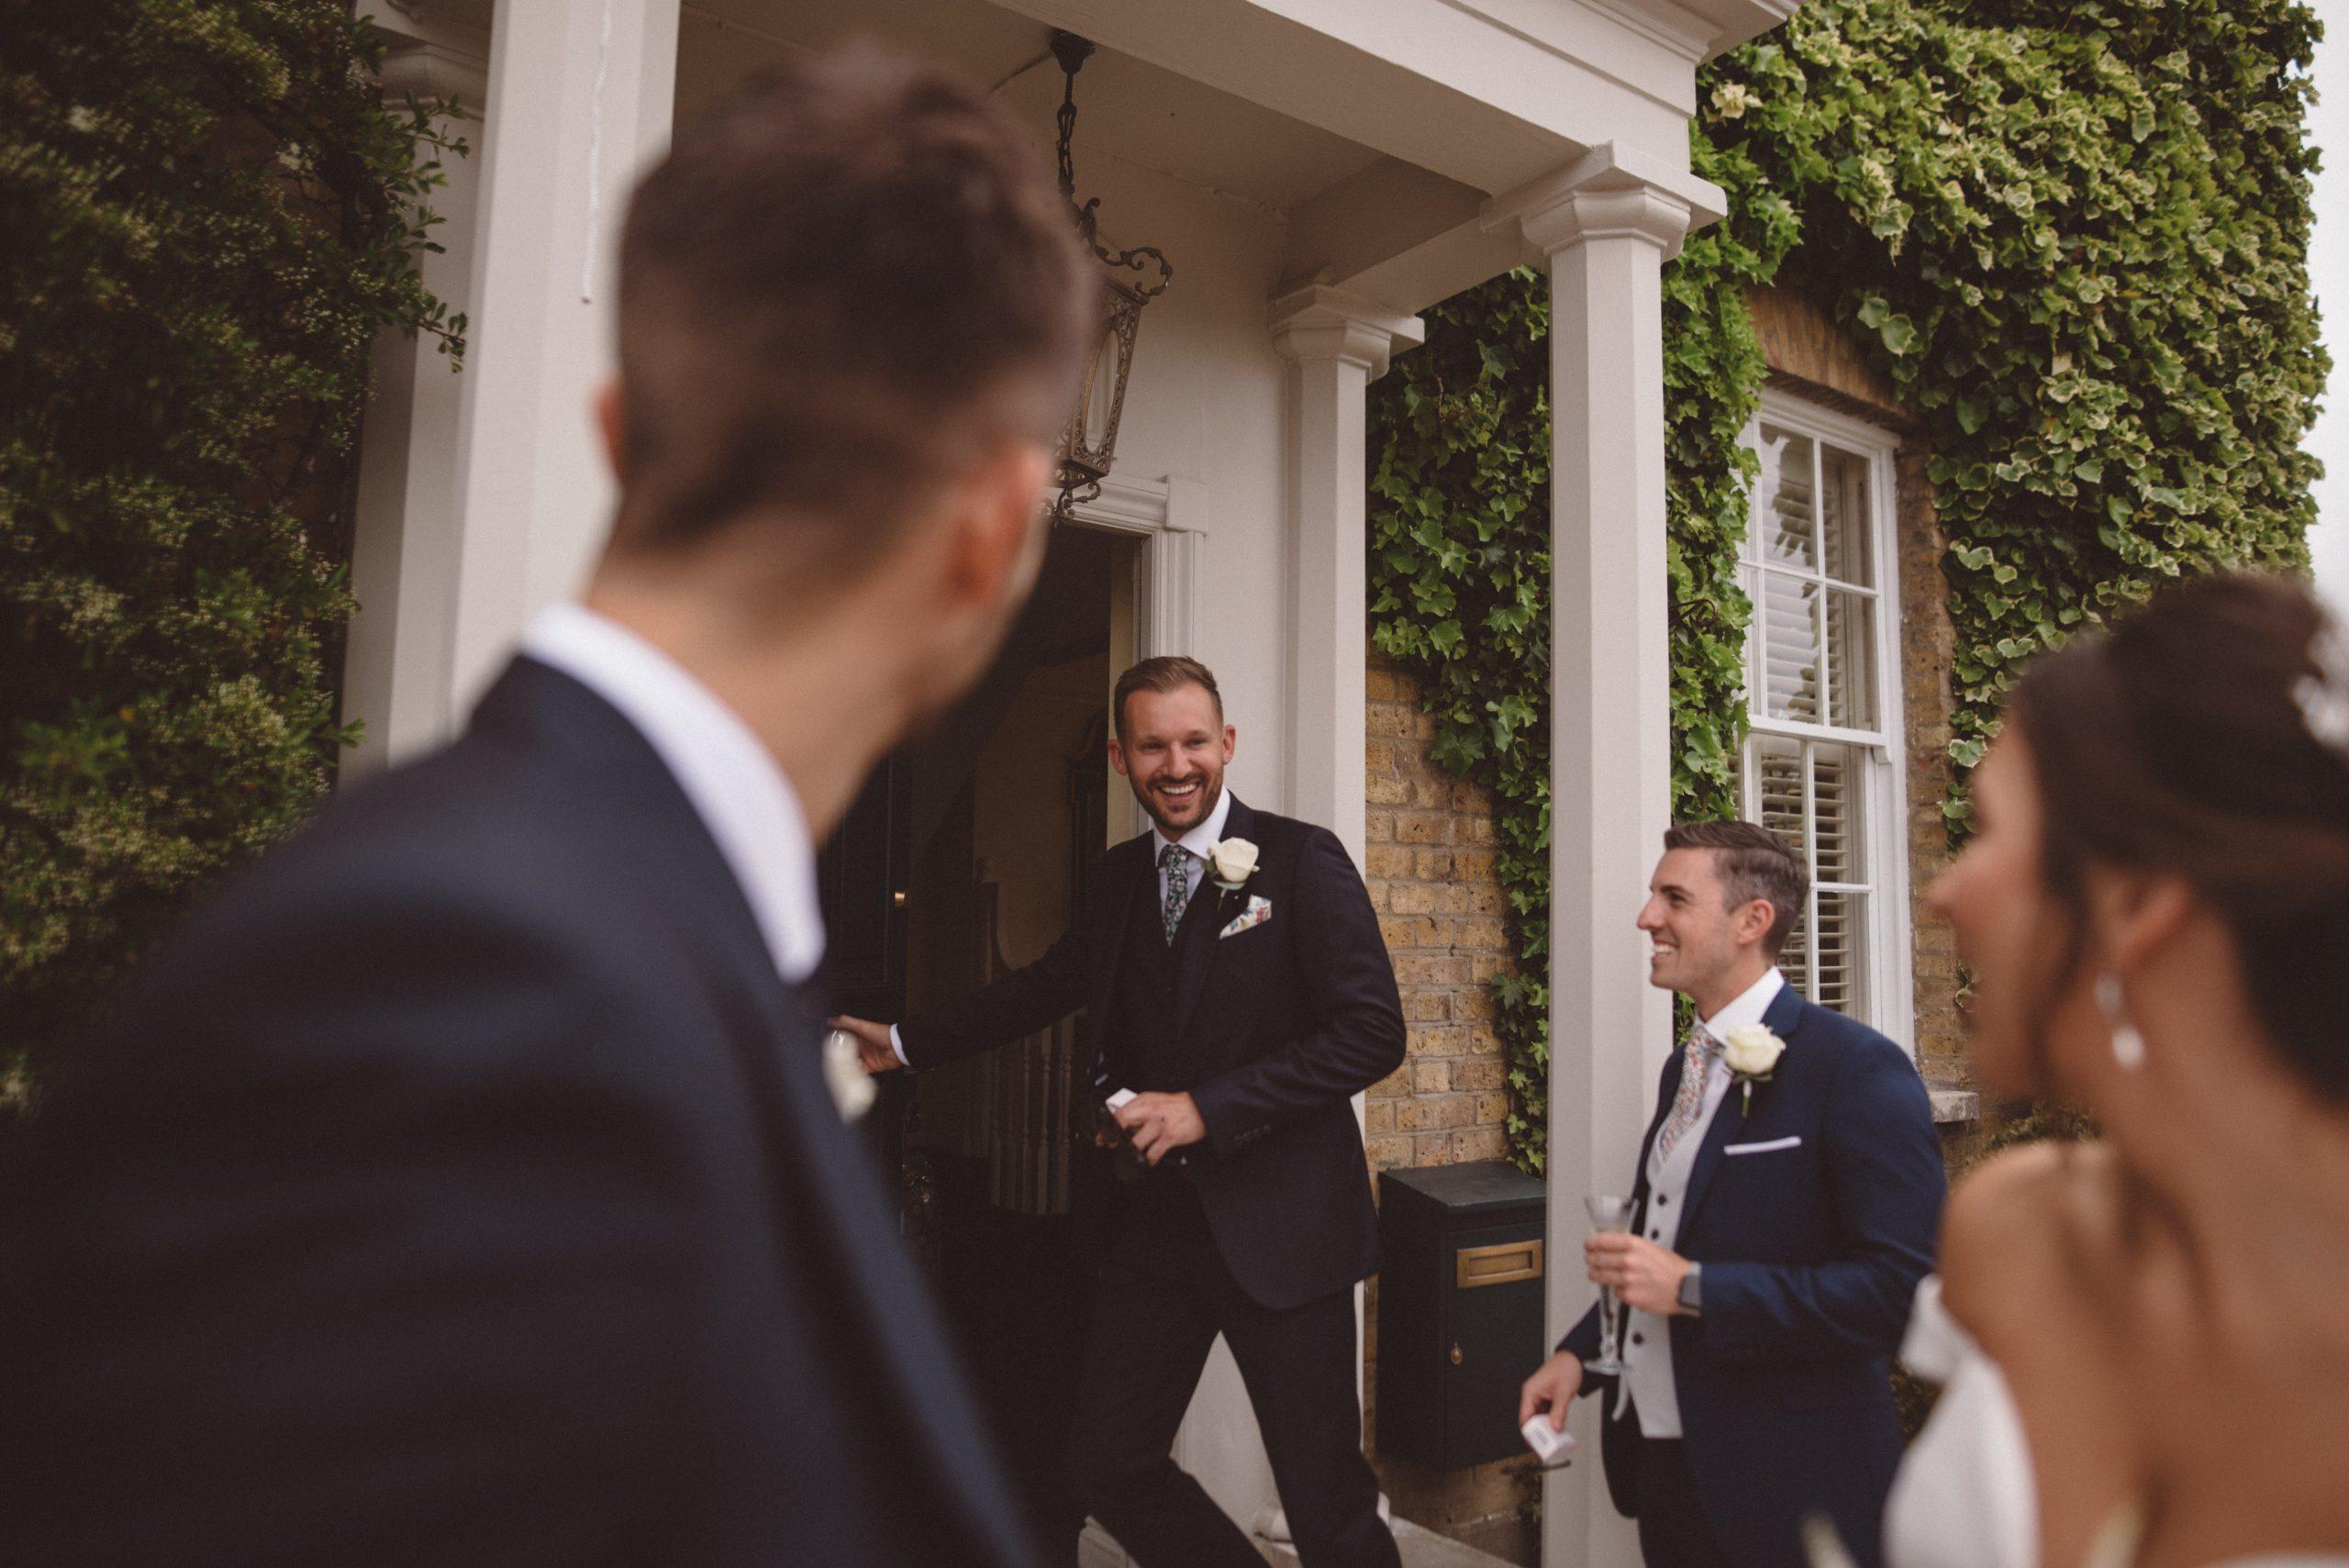 fun natural wedding moments at Friern Manor